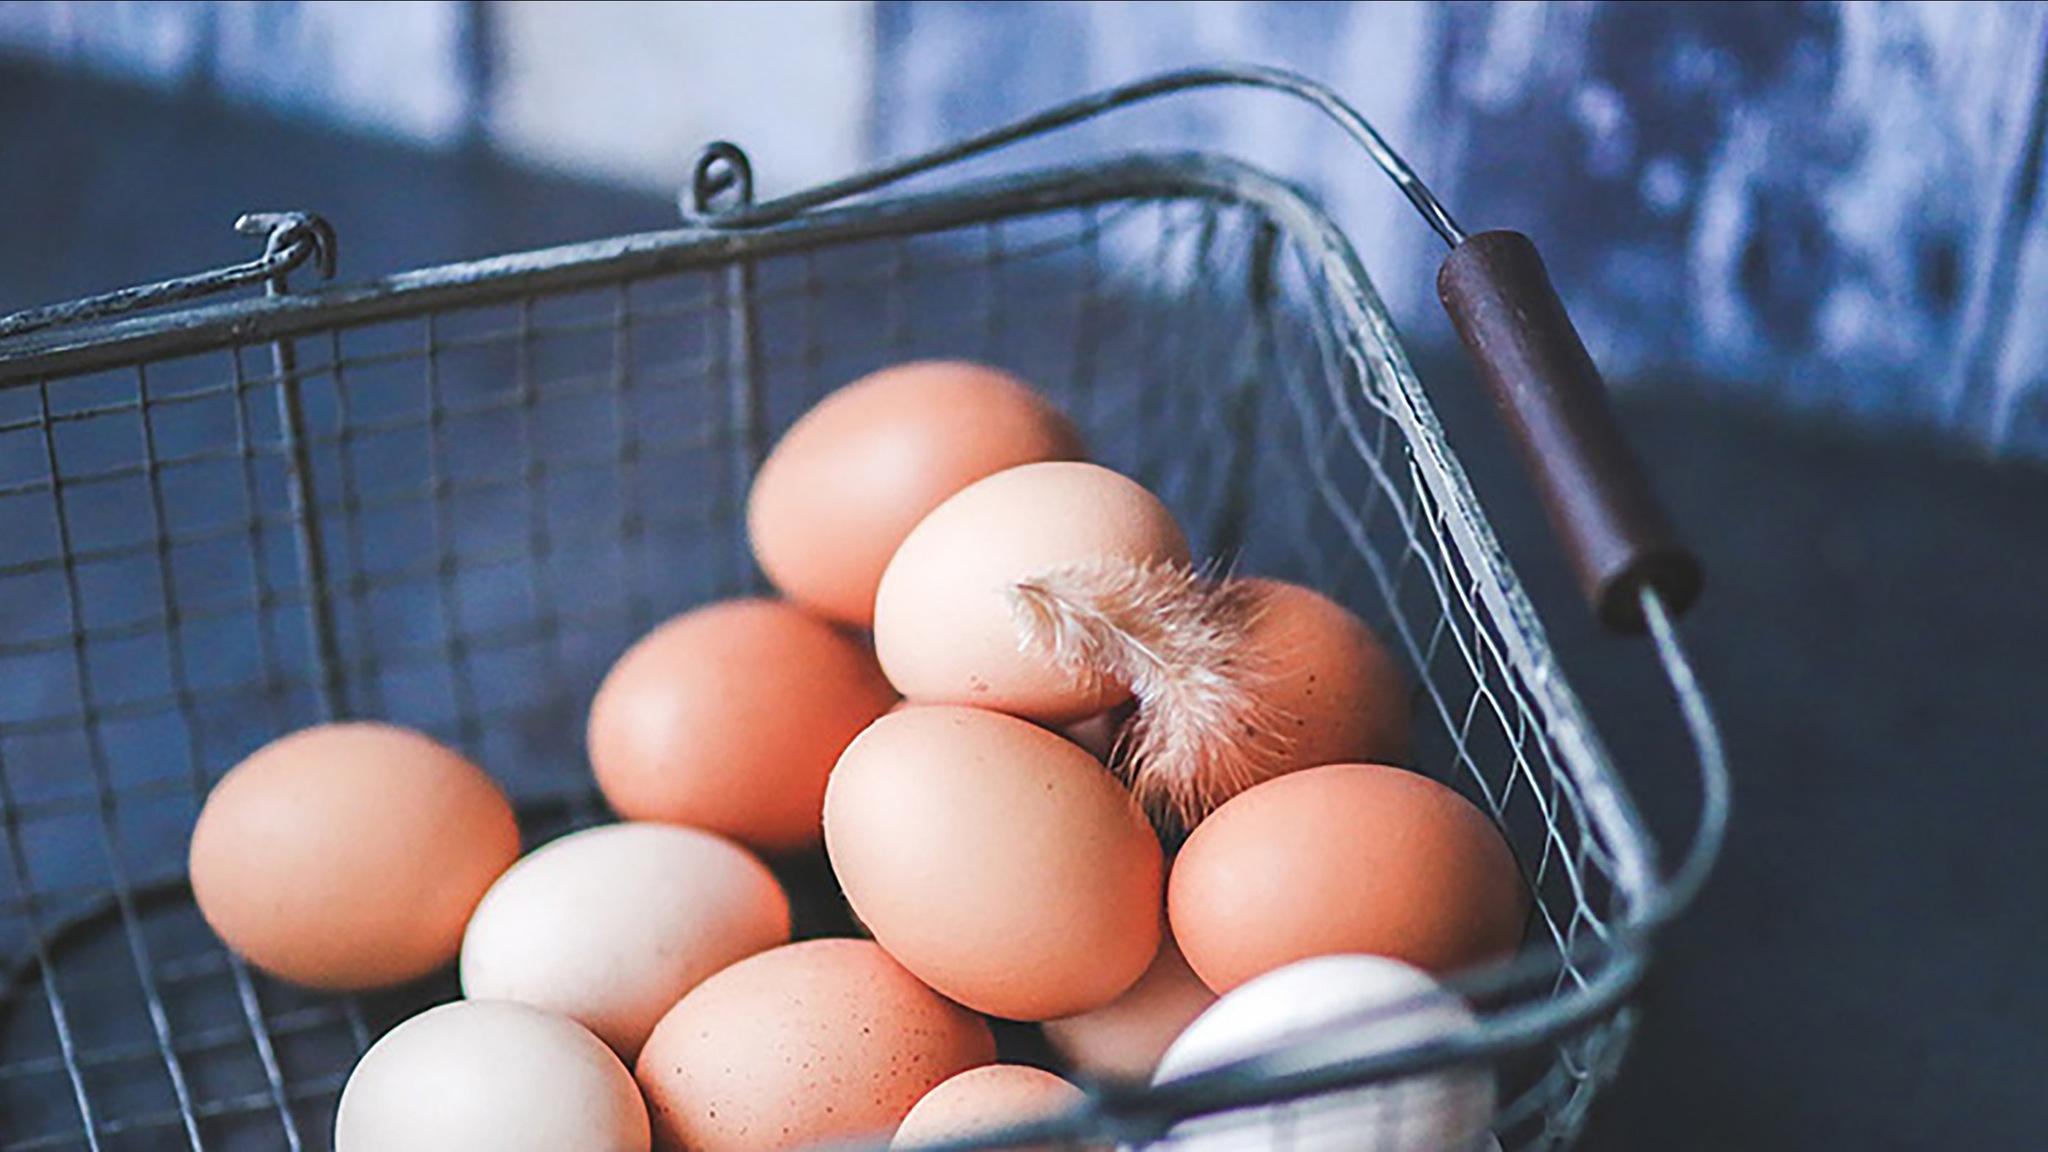 Kossies Free Range Eggs